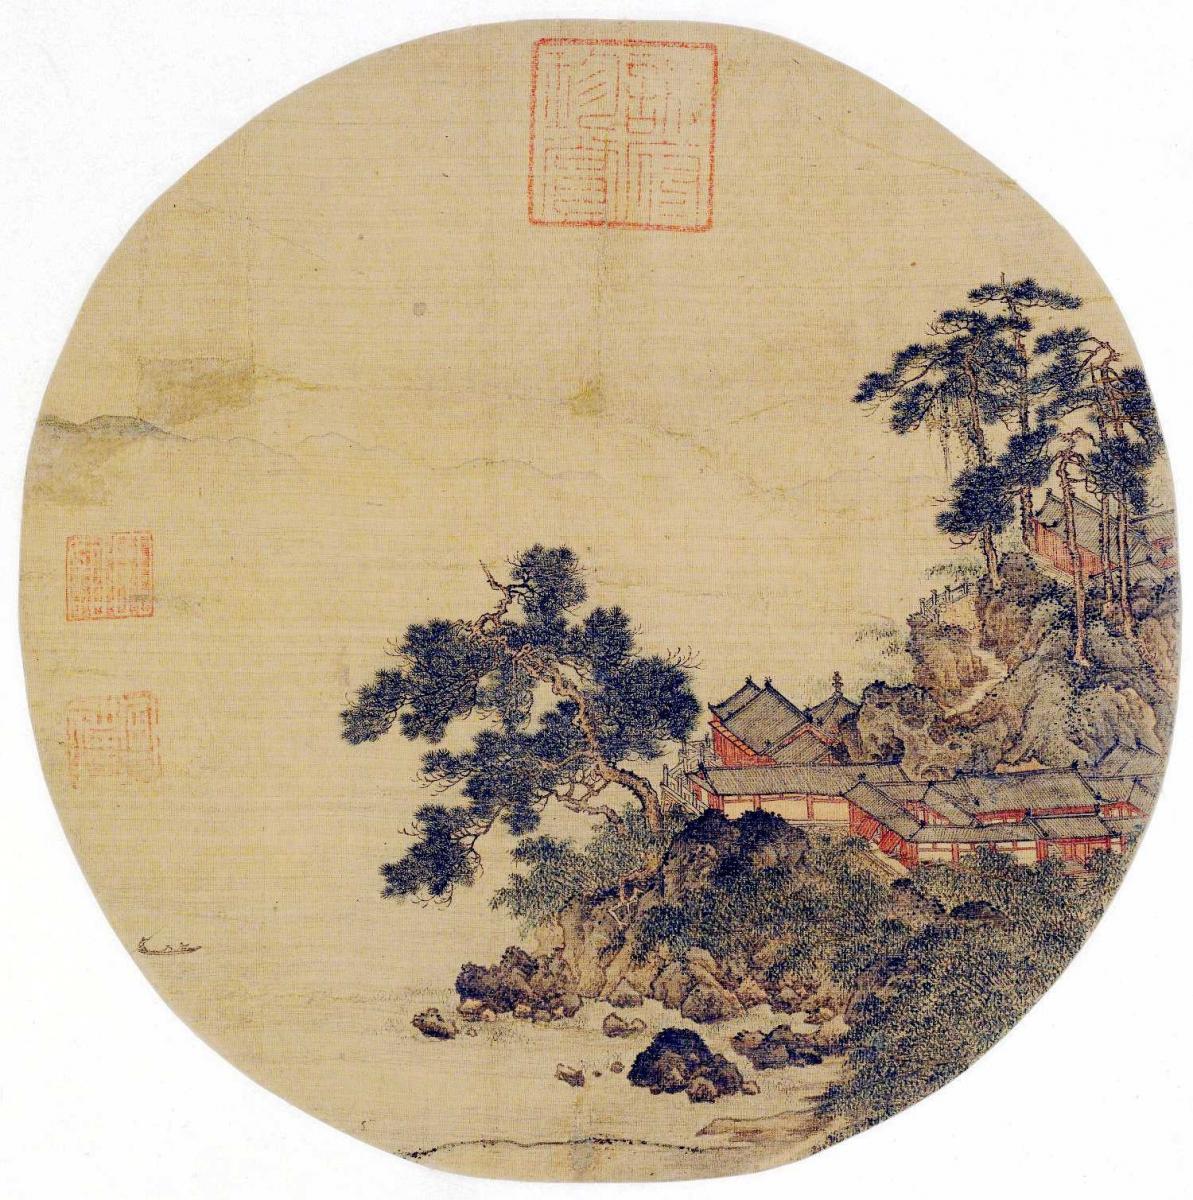 中国画·古松观止     第一部分_图1-29